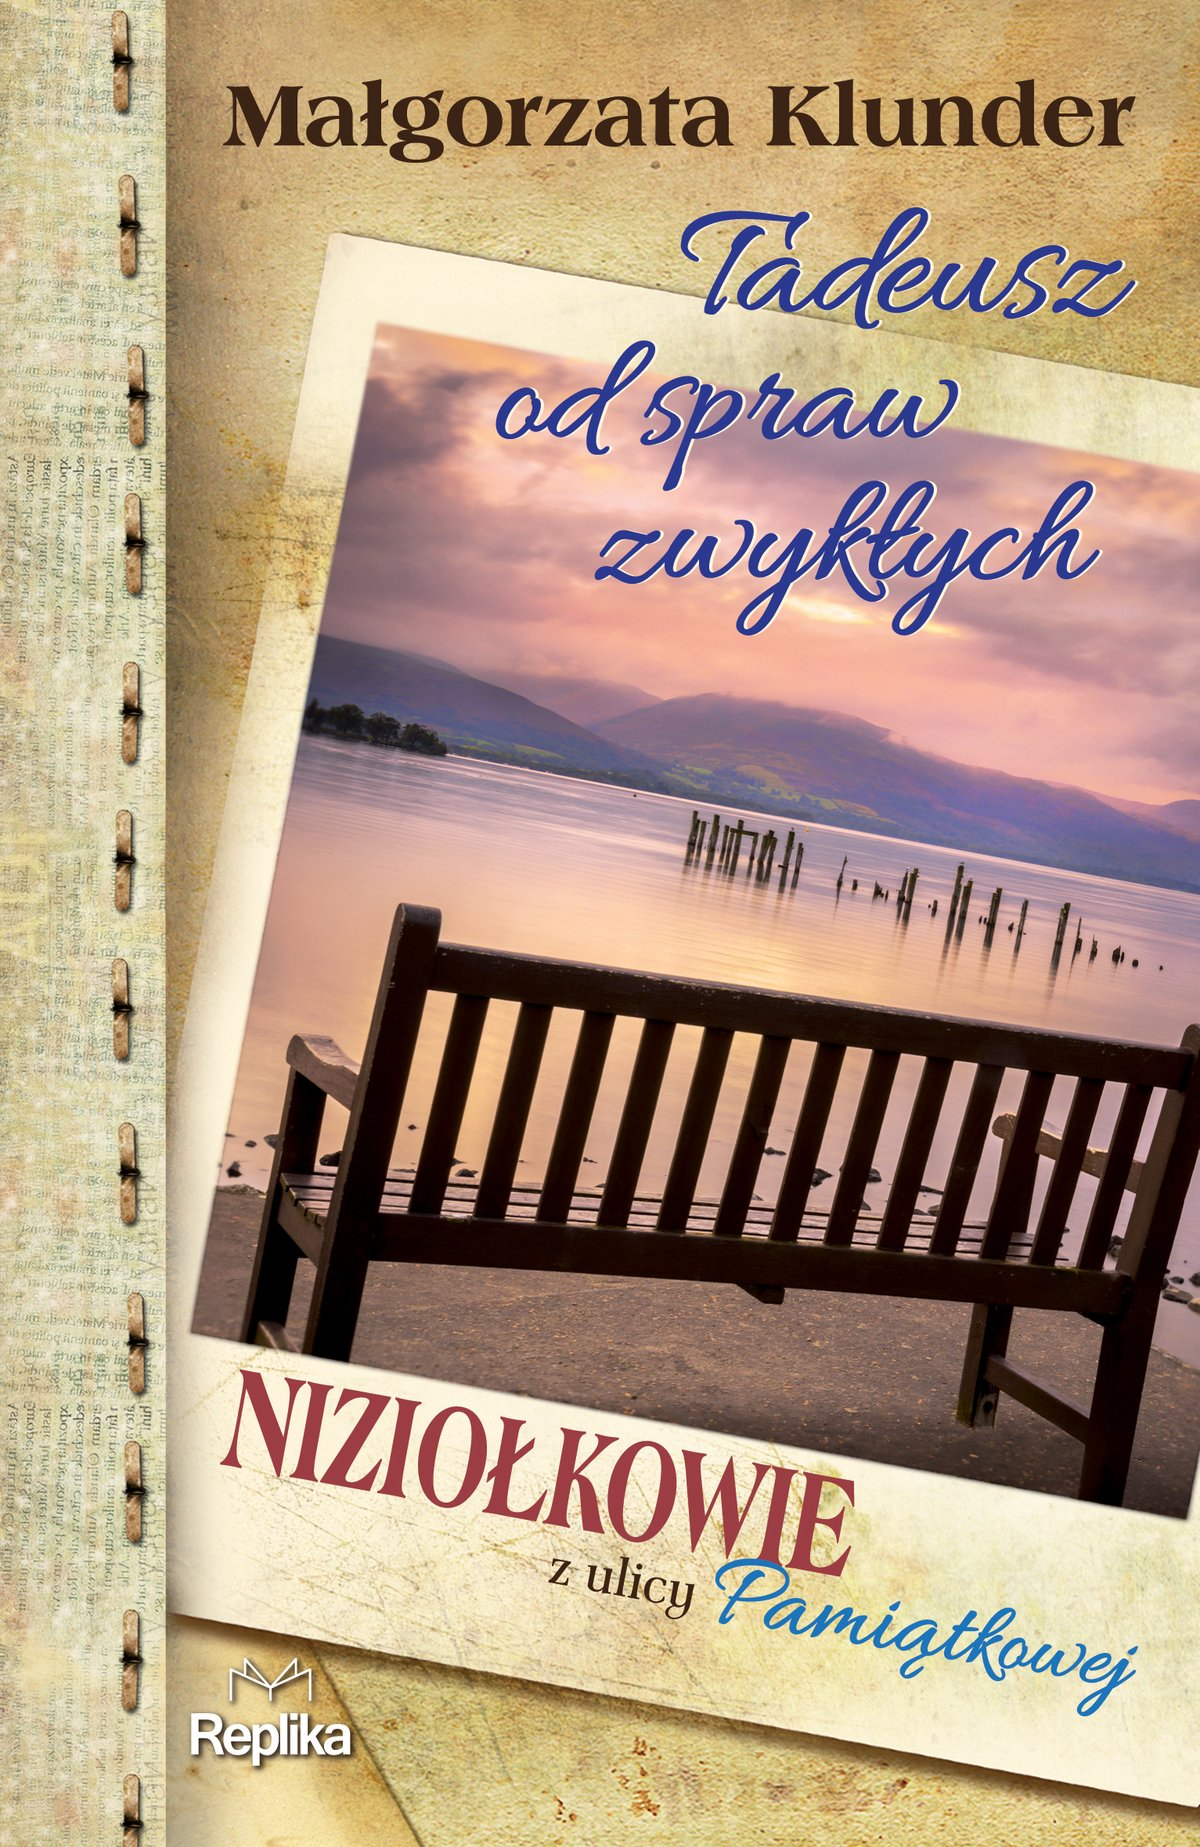 Tadeusz od spraw zwykłych - Ebook (Książka EPUB) do pobrania w formacie EPUB